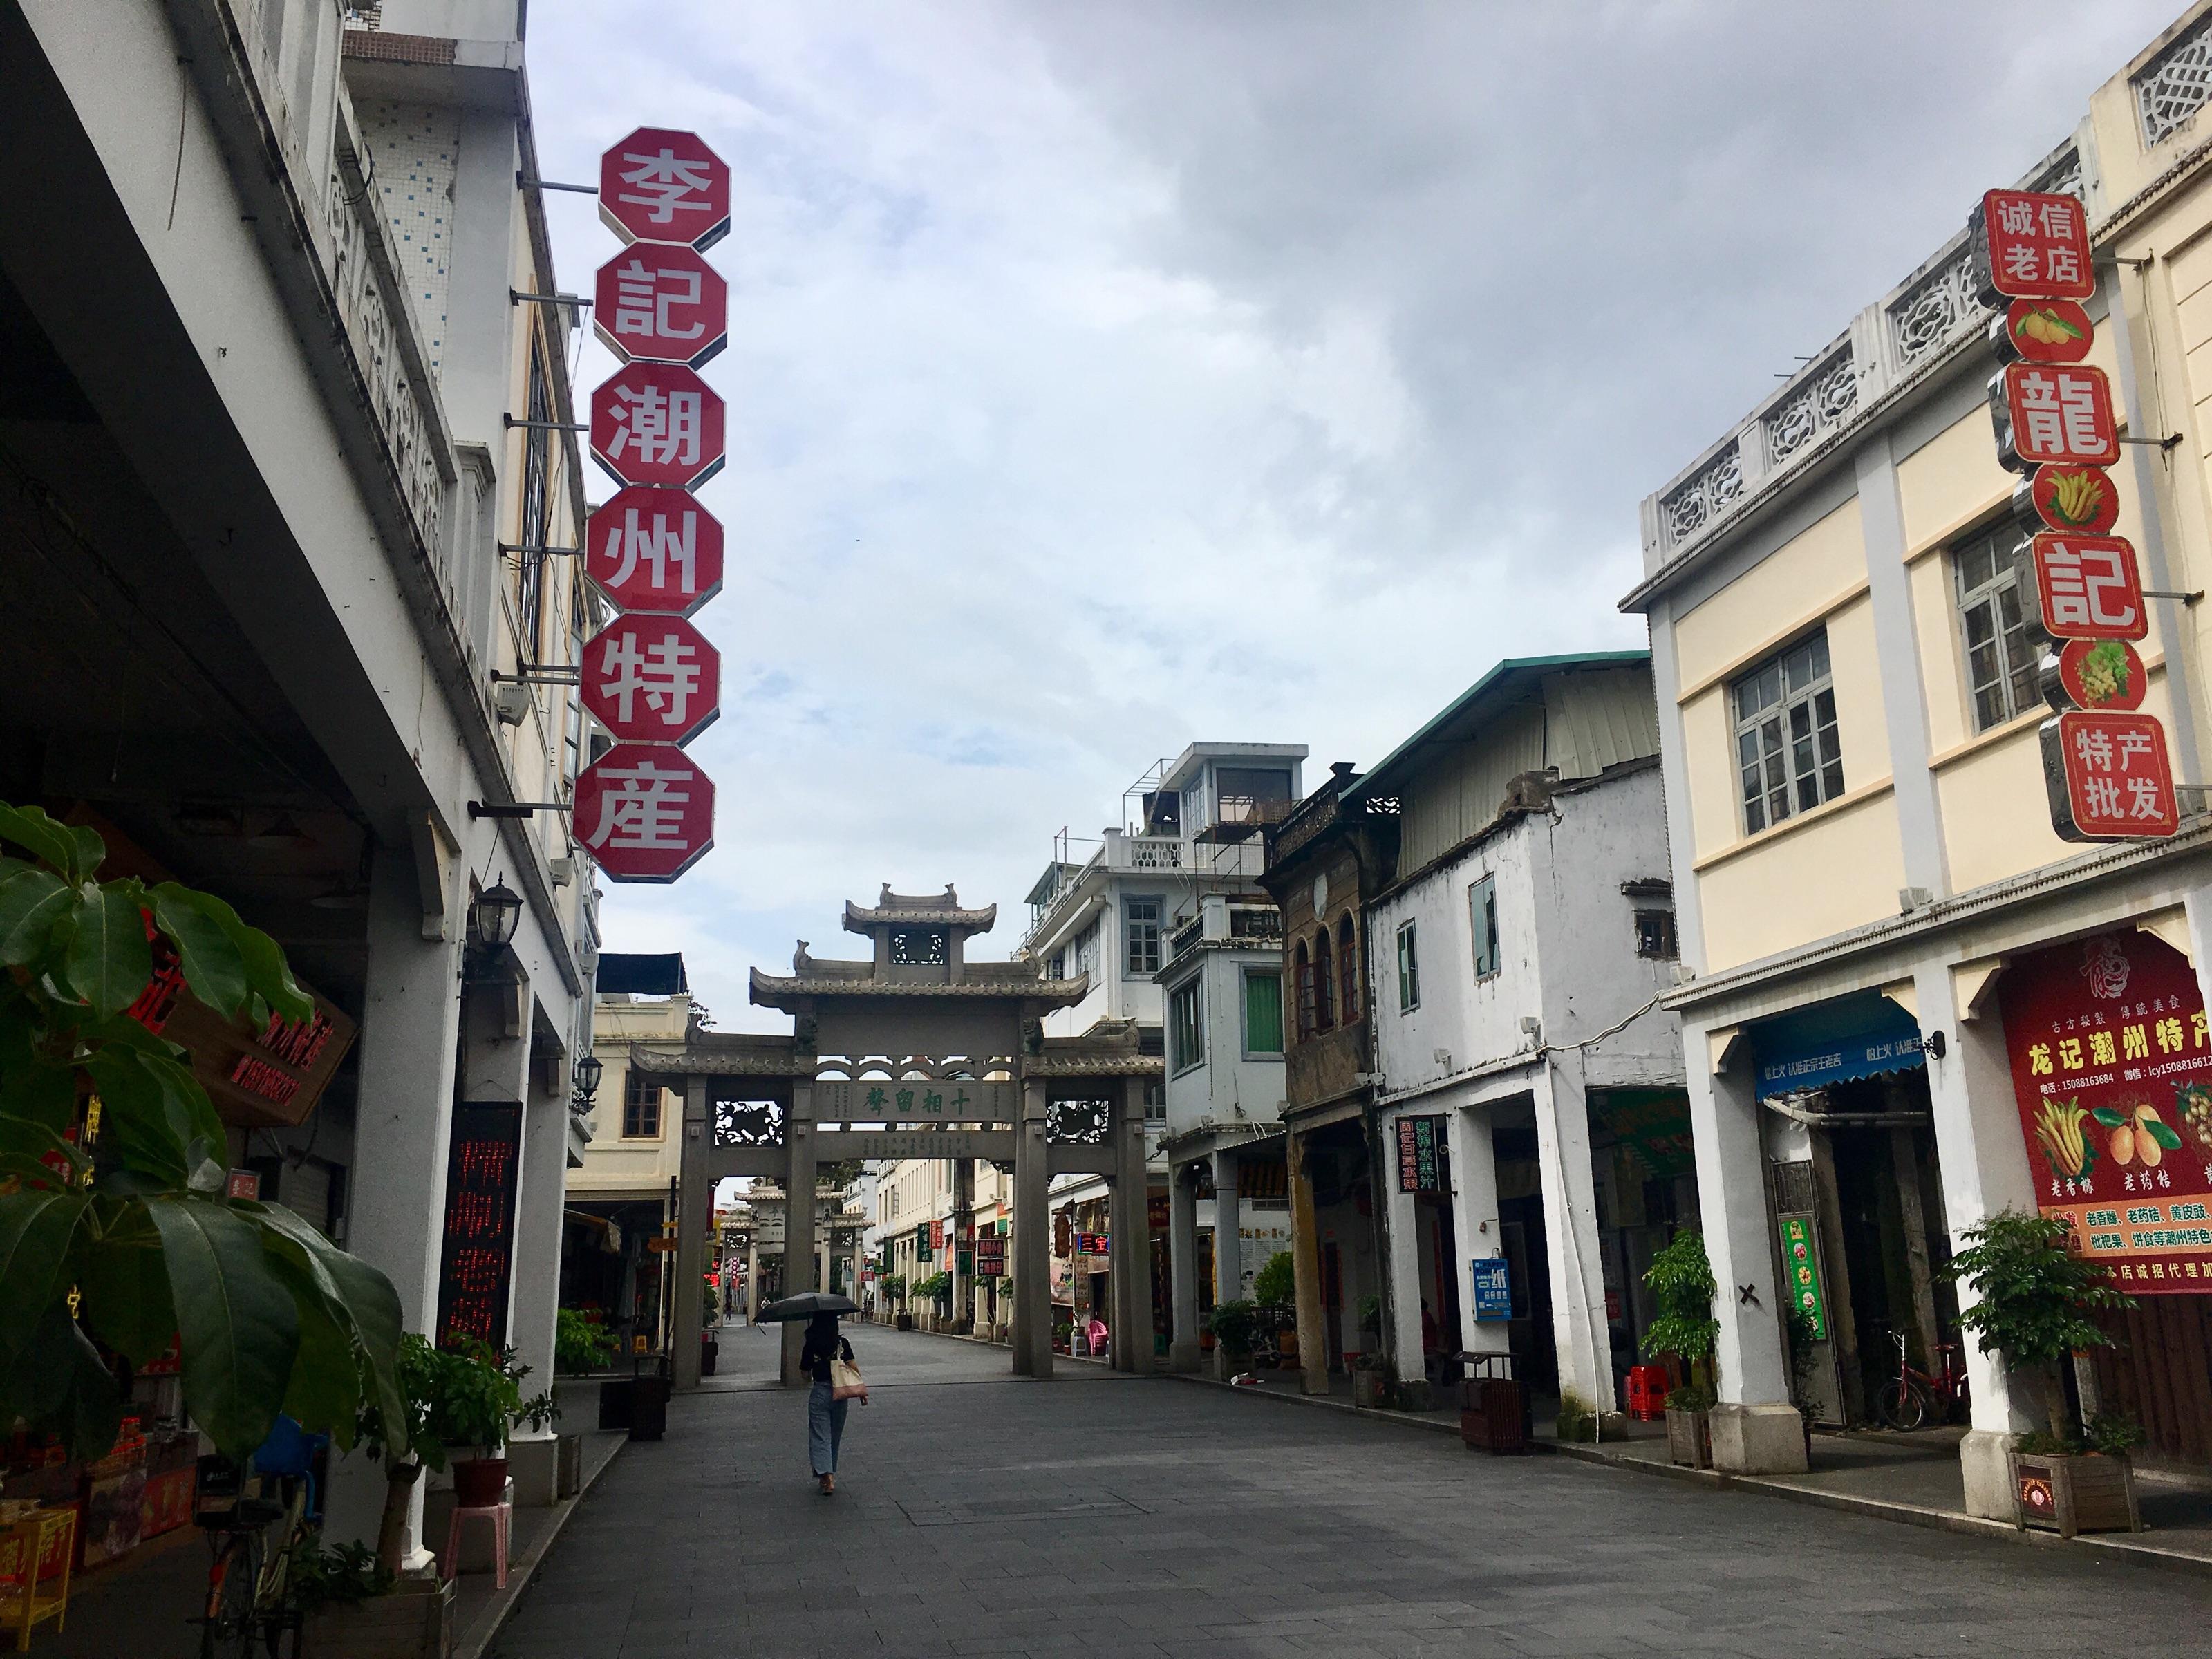 这是真正的潮州:潮州古城三日游